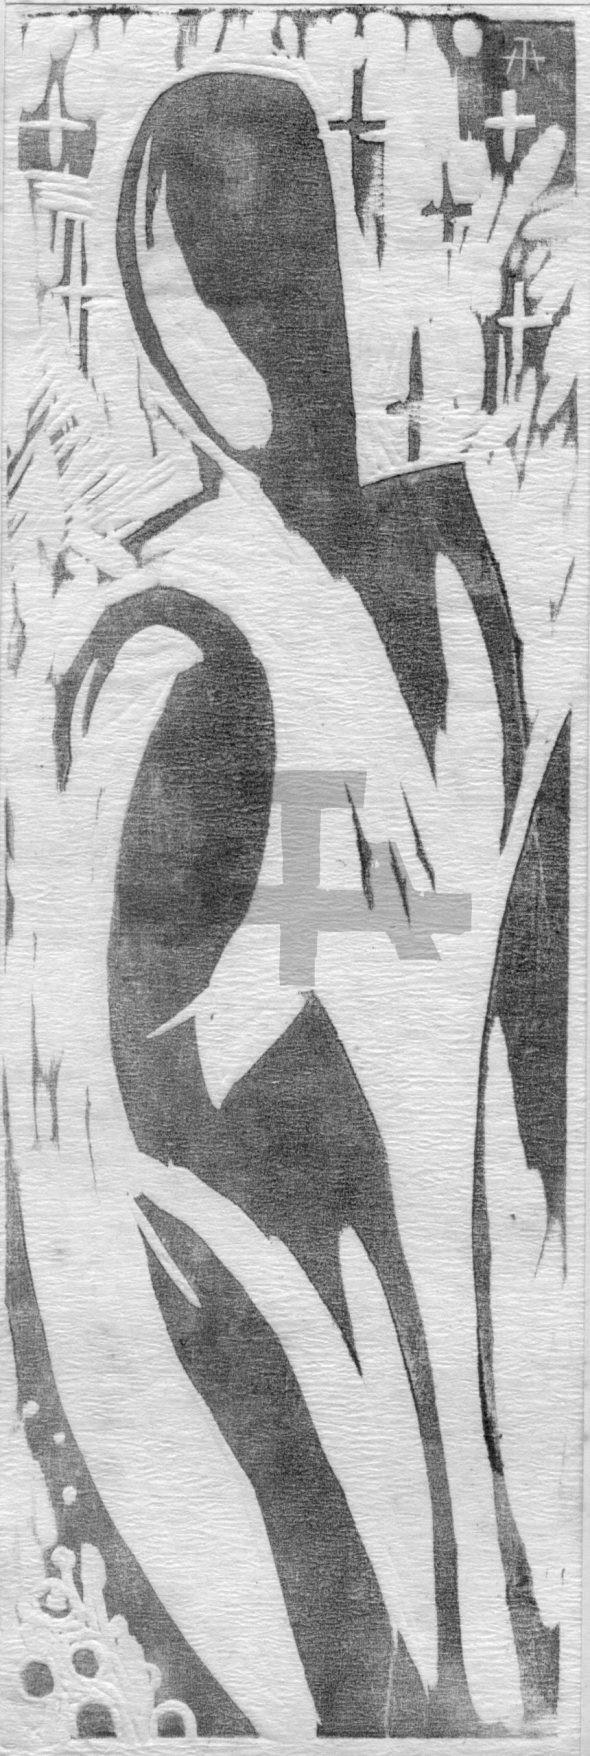 Holzschnitt Zwei Menschen